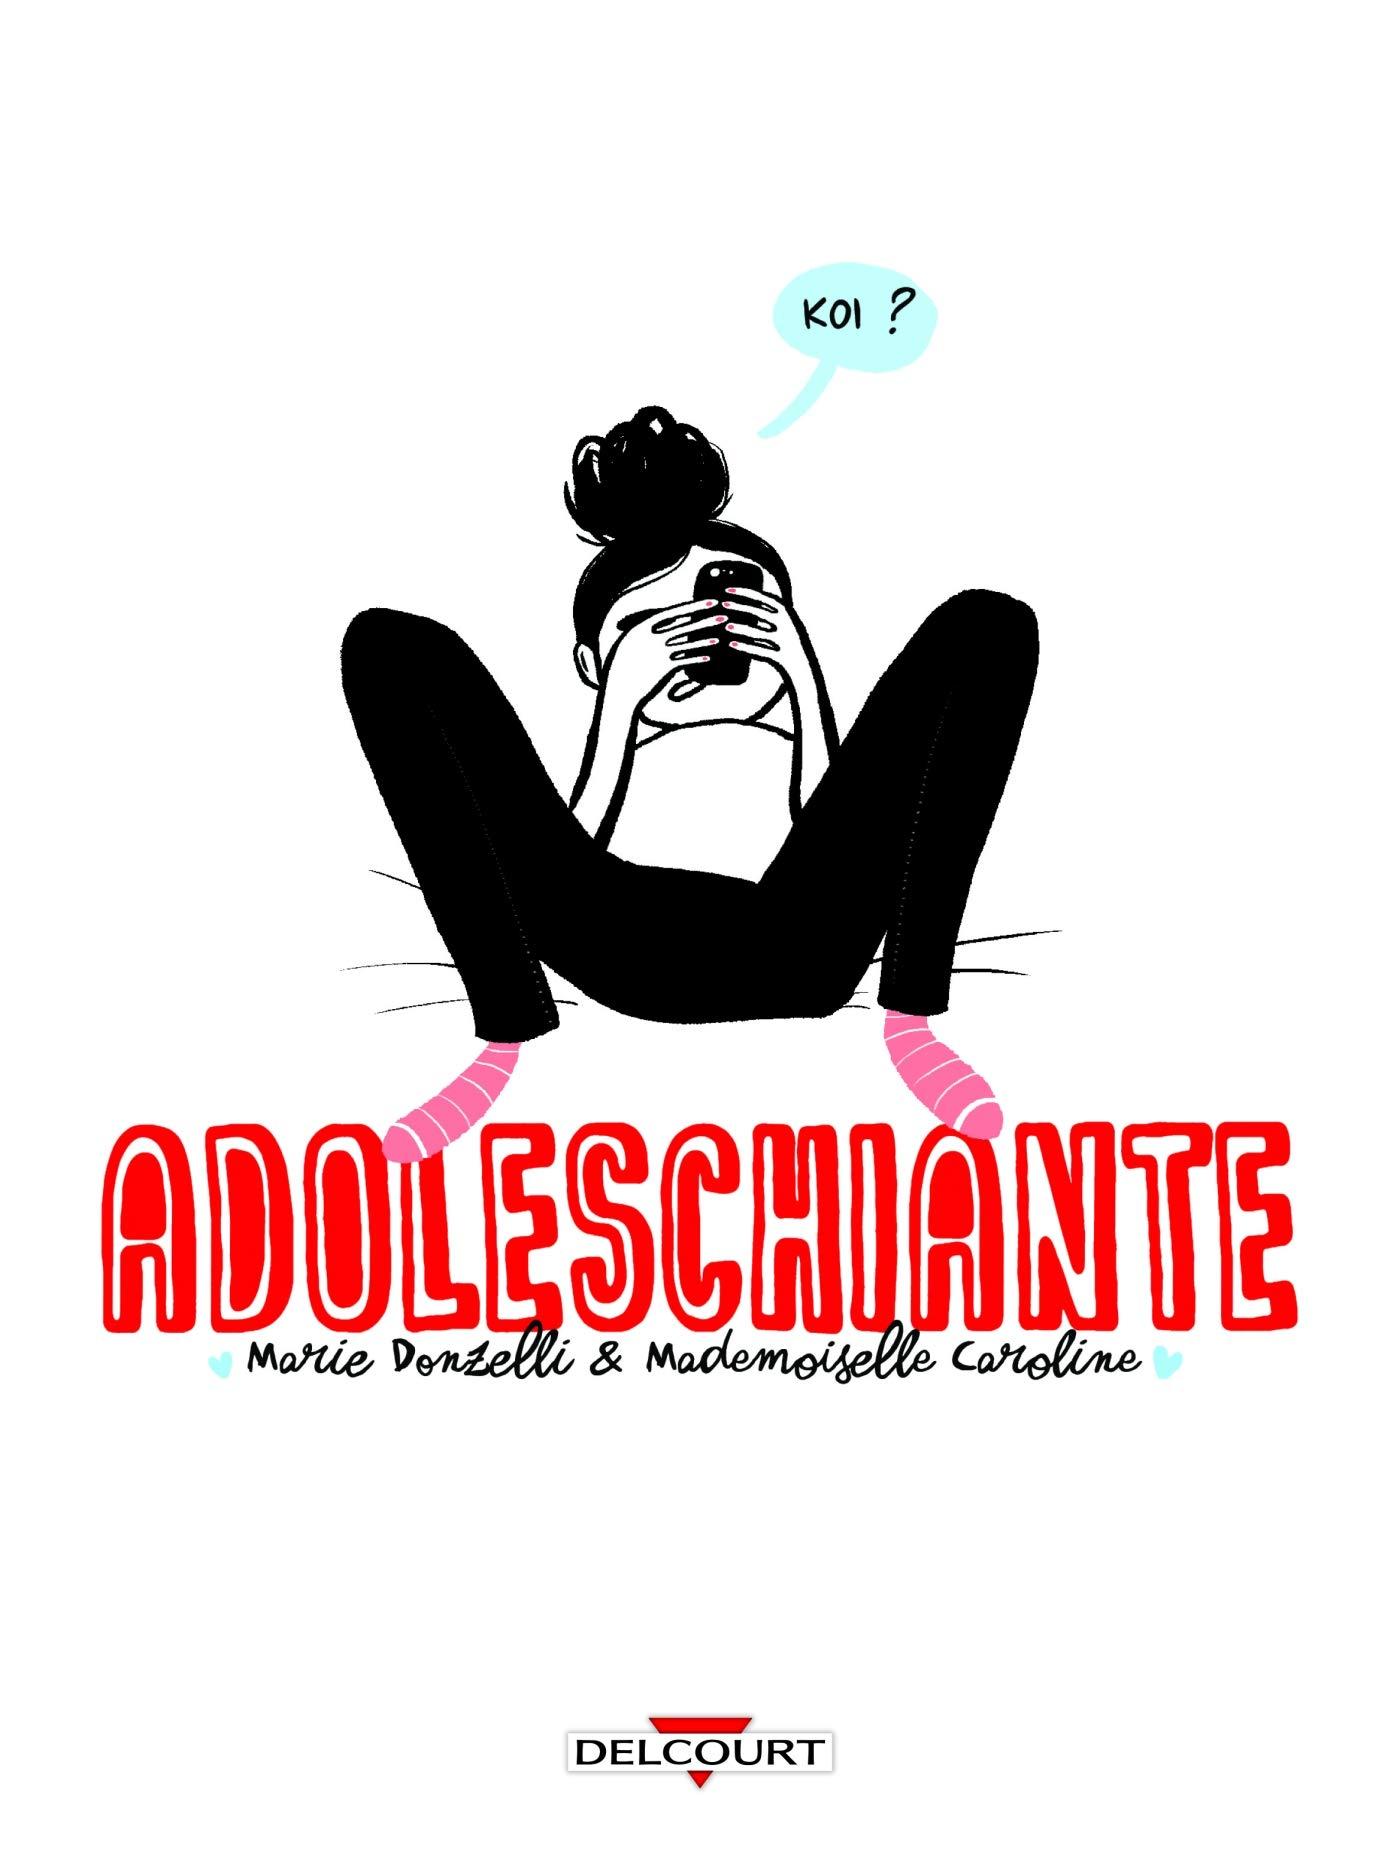 Adoleschiante 1